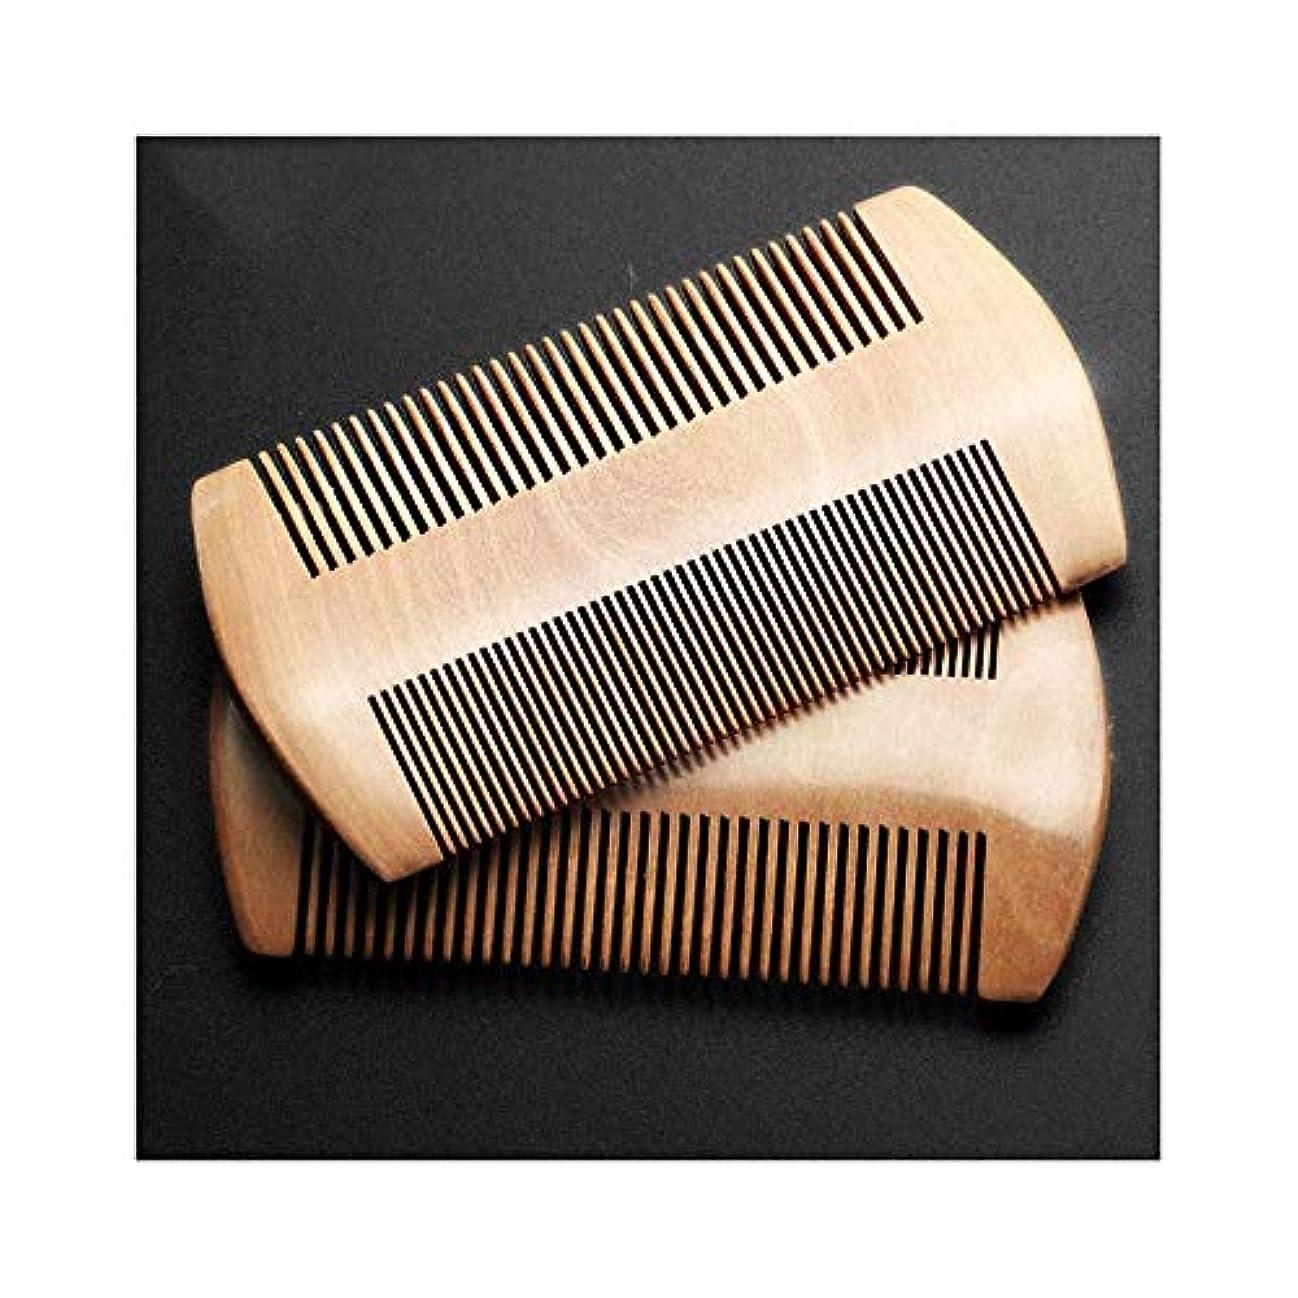 シャッター工場区女性と男性のために木製Fashian木製ビアードくし抗静的口ひげポケットコームウォールナット ヘアケア